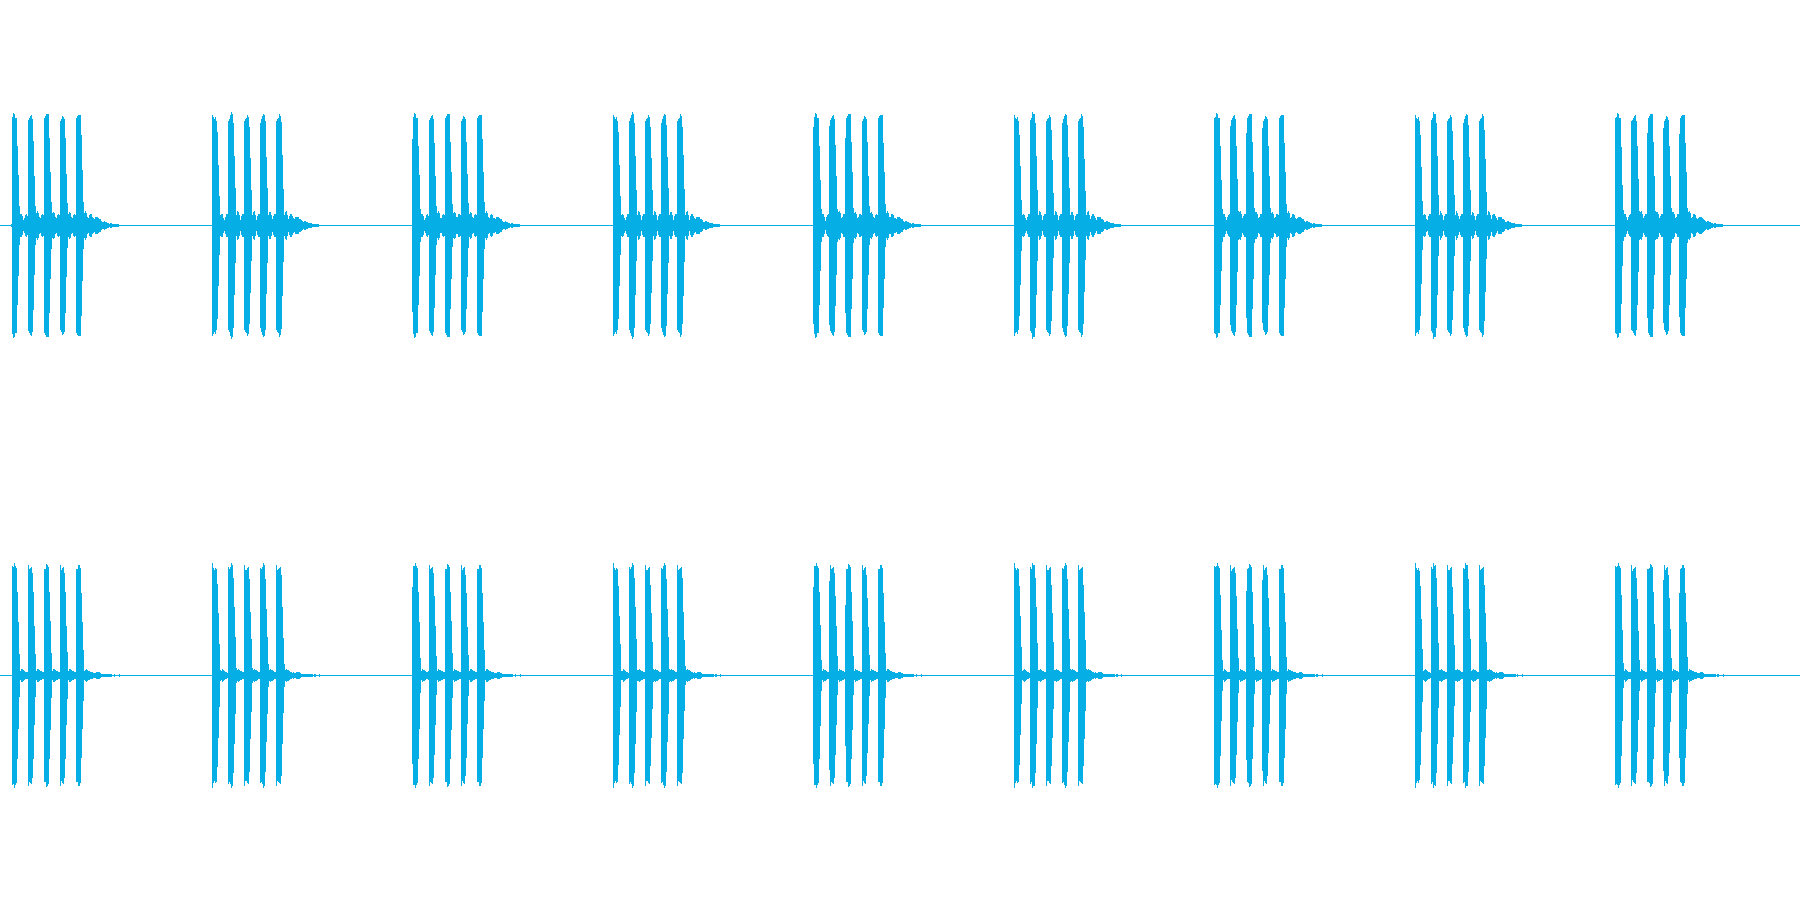 目覚まし時計のアラーム音 電子音の再生済みの波形